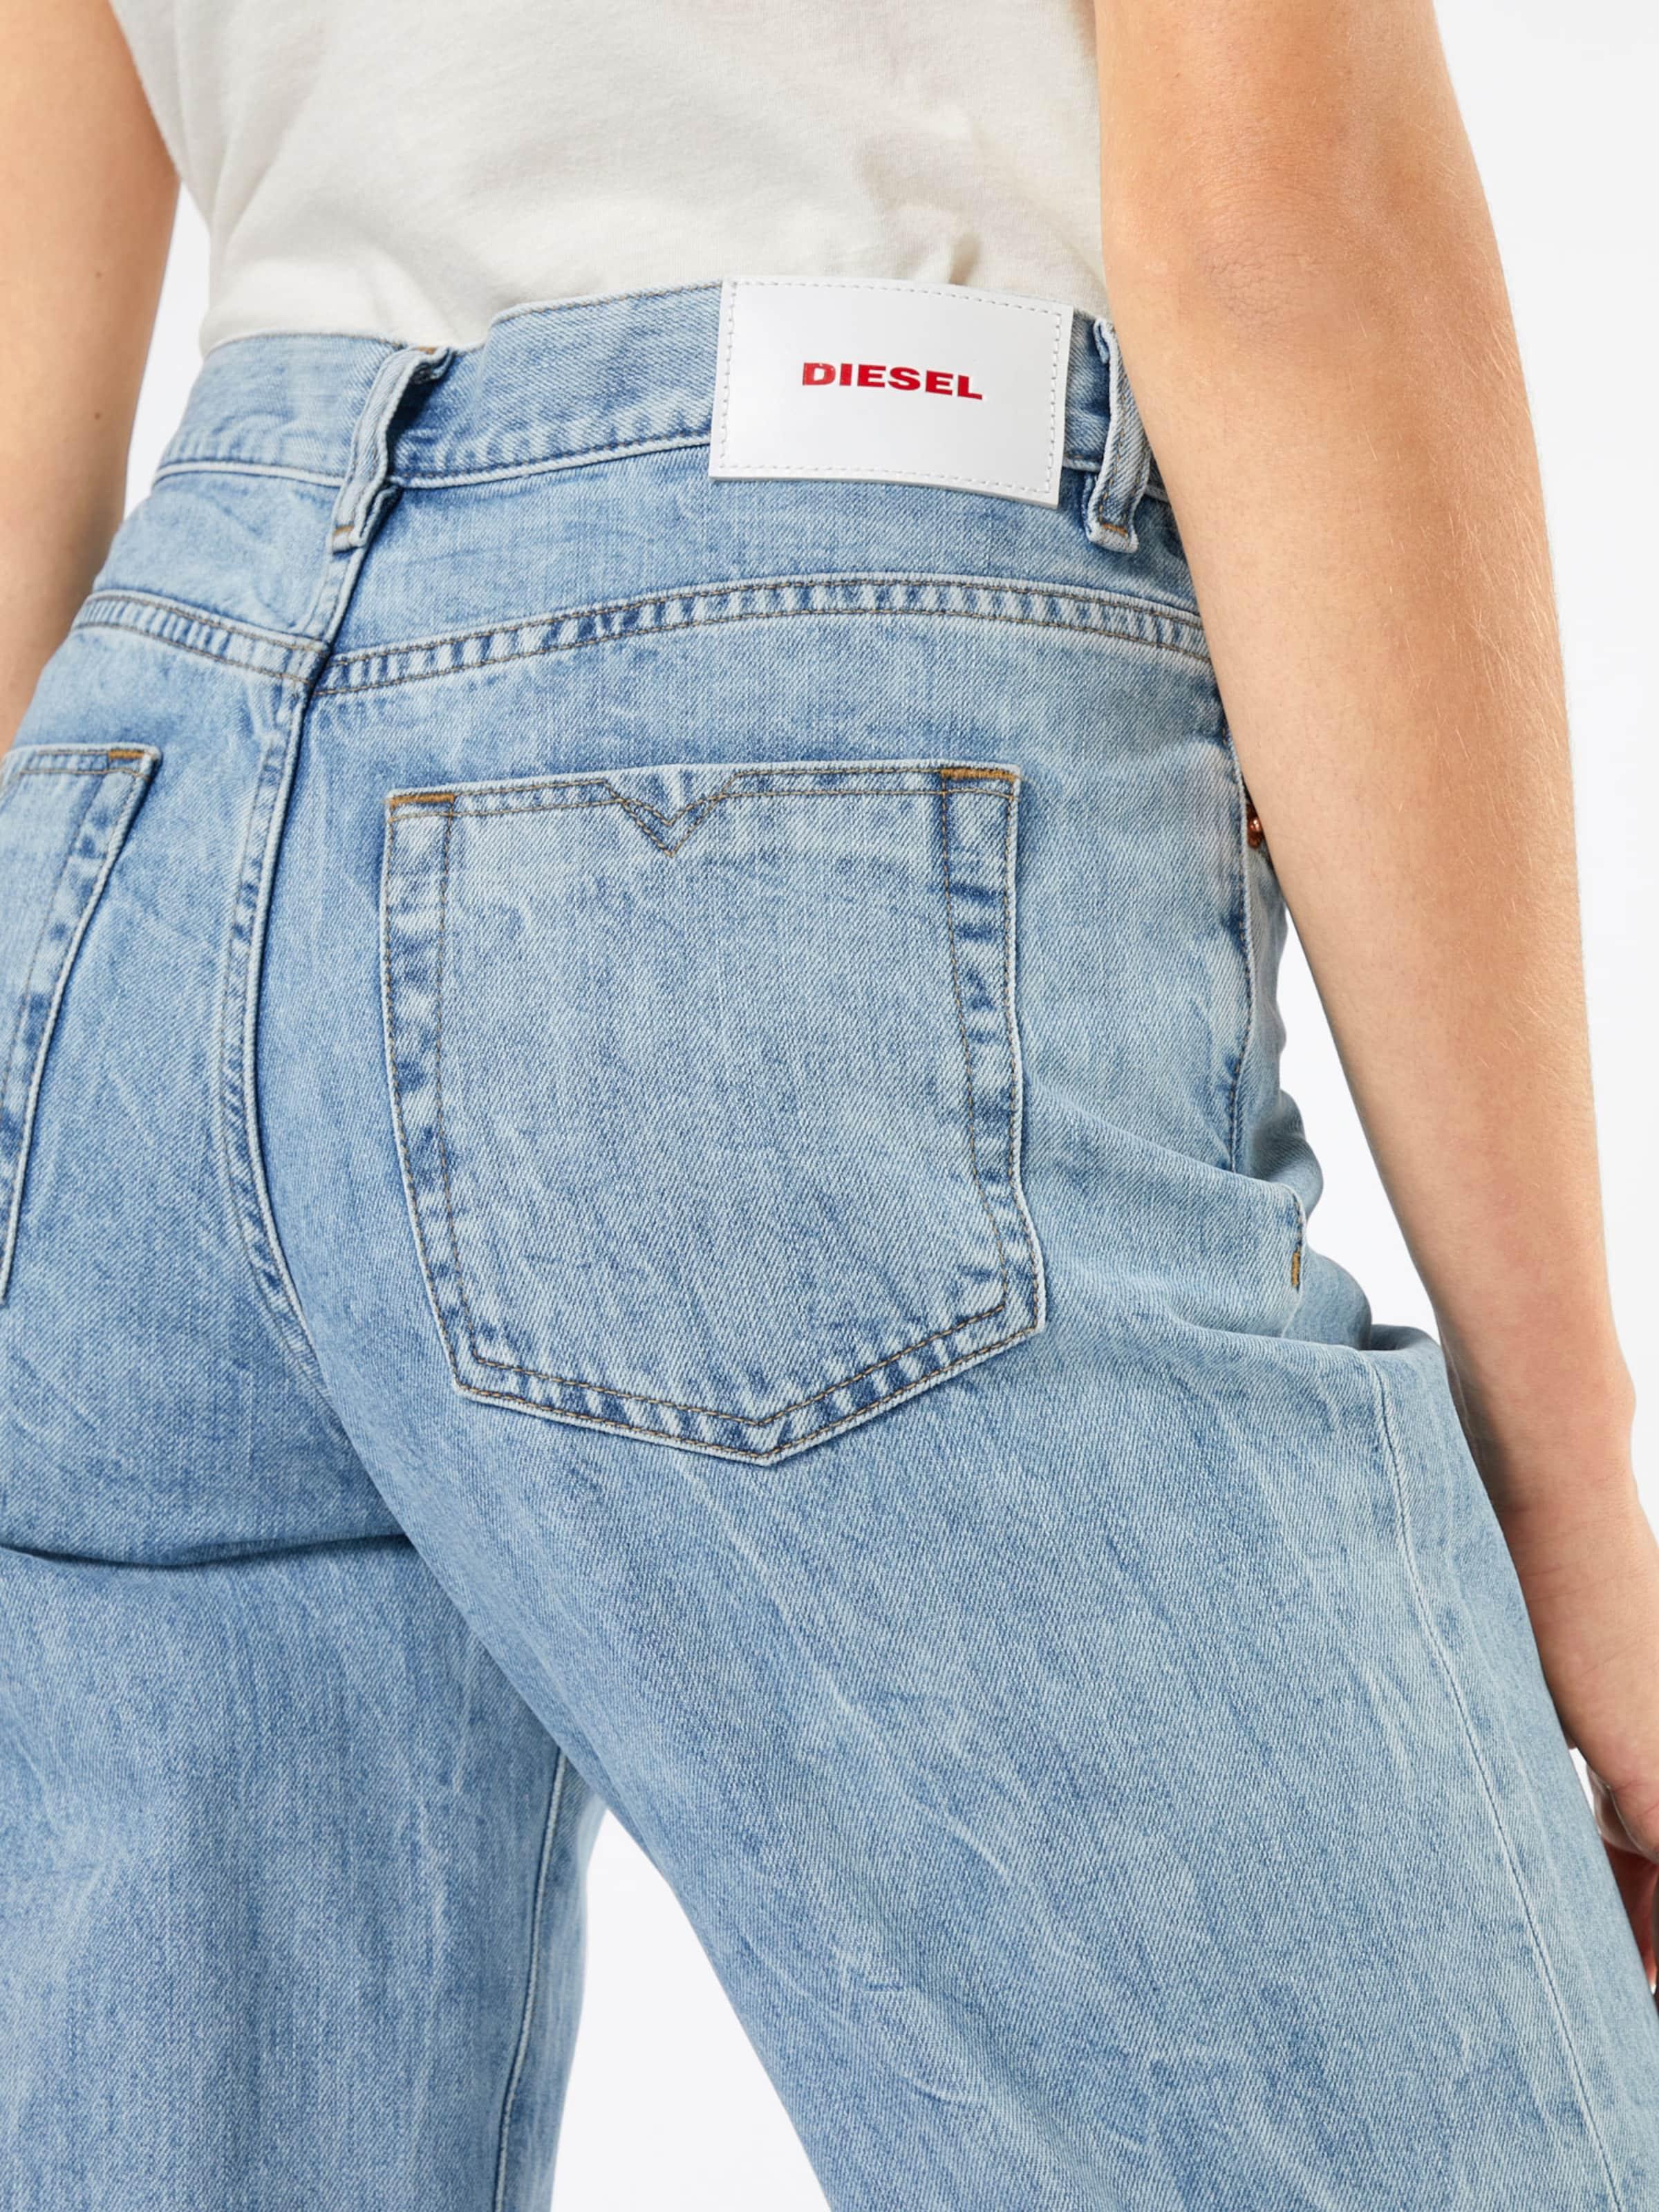 DIESEL Jeans 'NICLAH' 084RE Websites Online-Verkauf Günstig Kaufen Geniue Händler Spielraum Beliebt VAwZGlNDWi